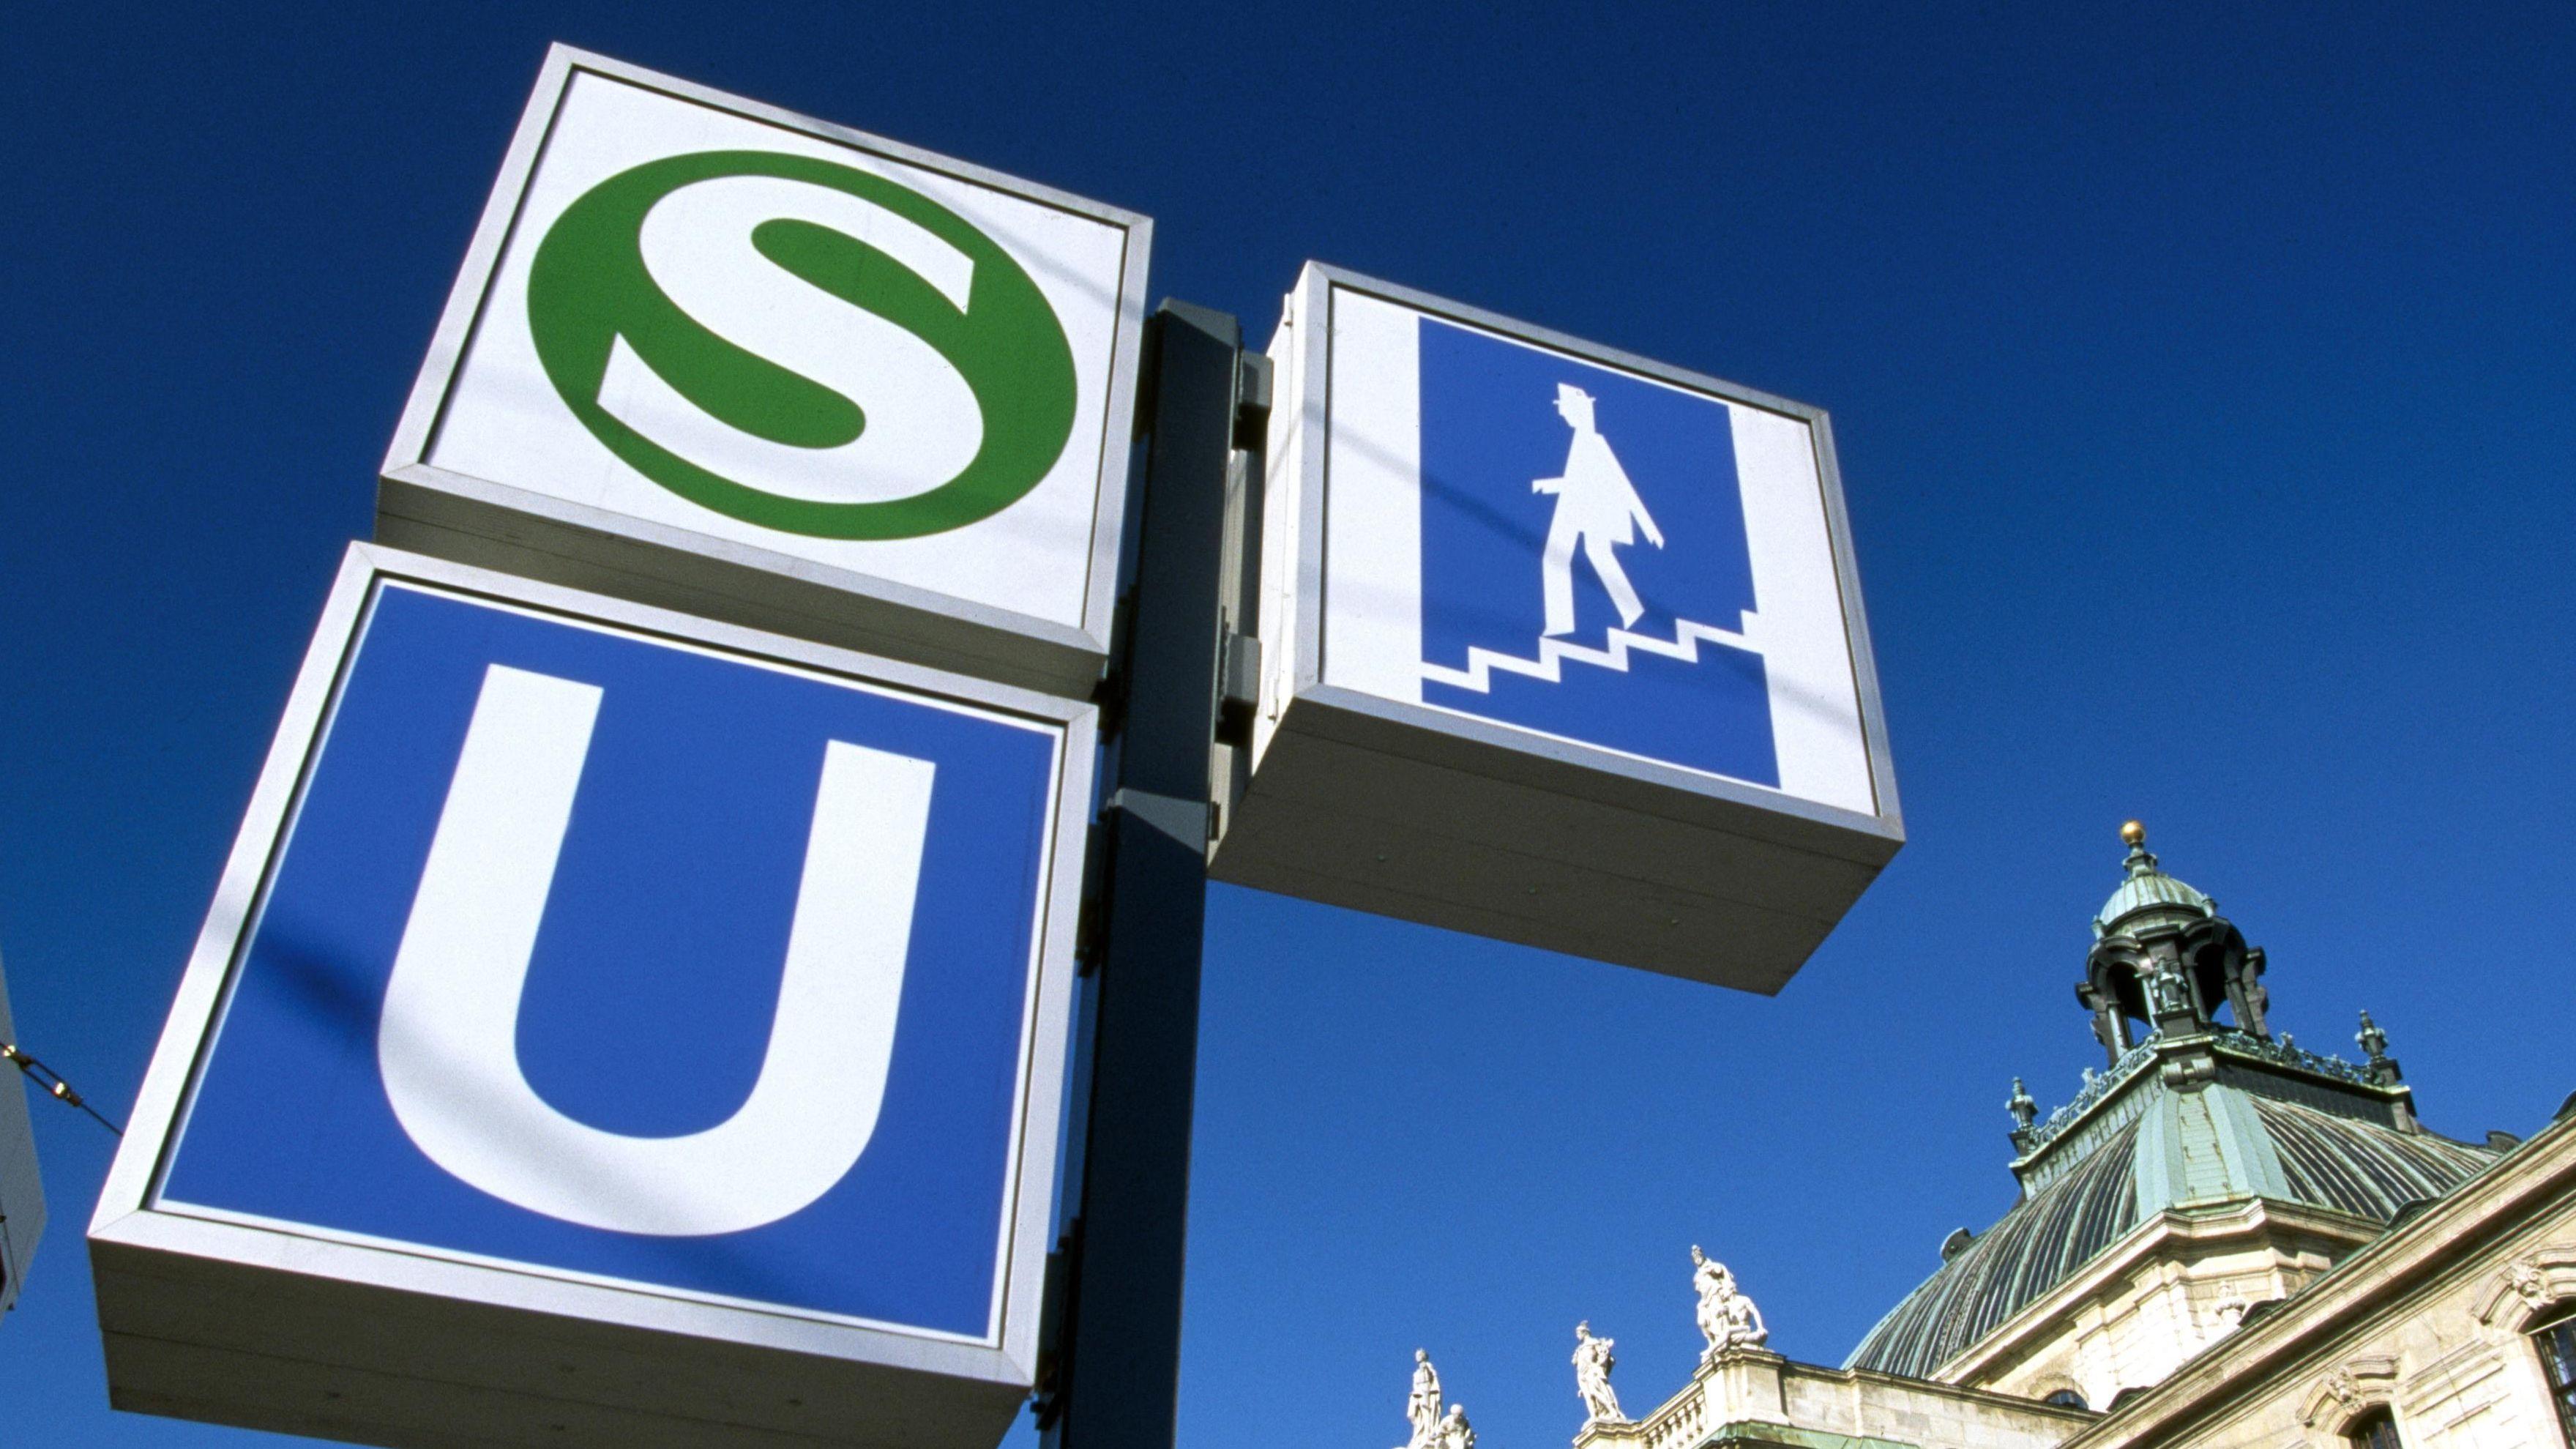 U- und S-Bahn-Schild in München